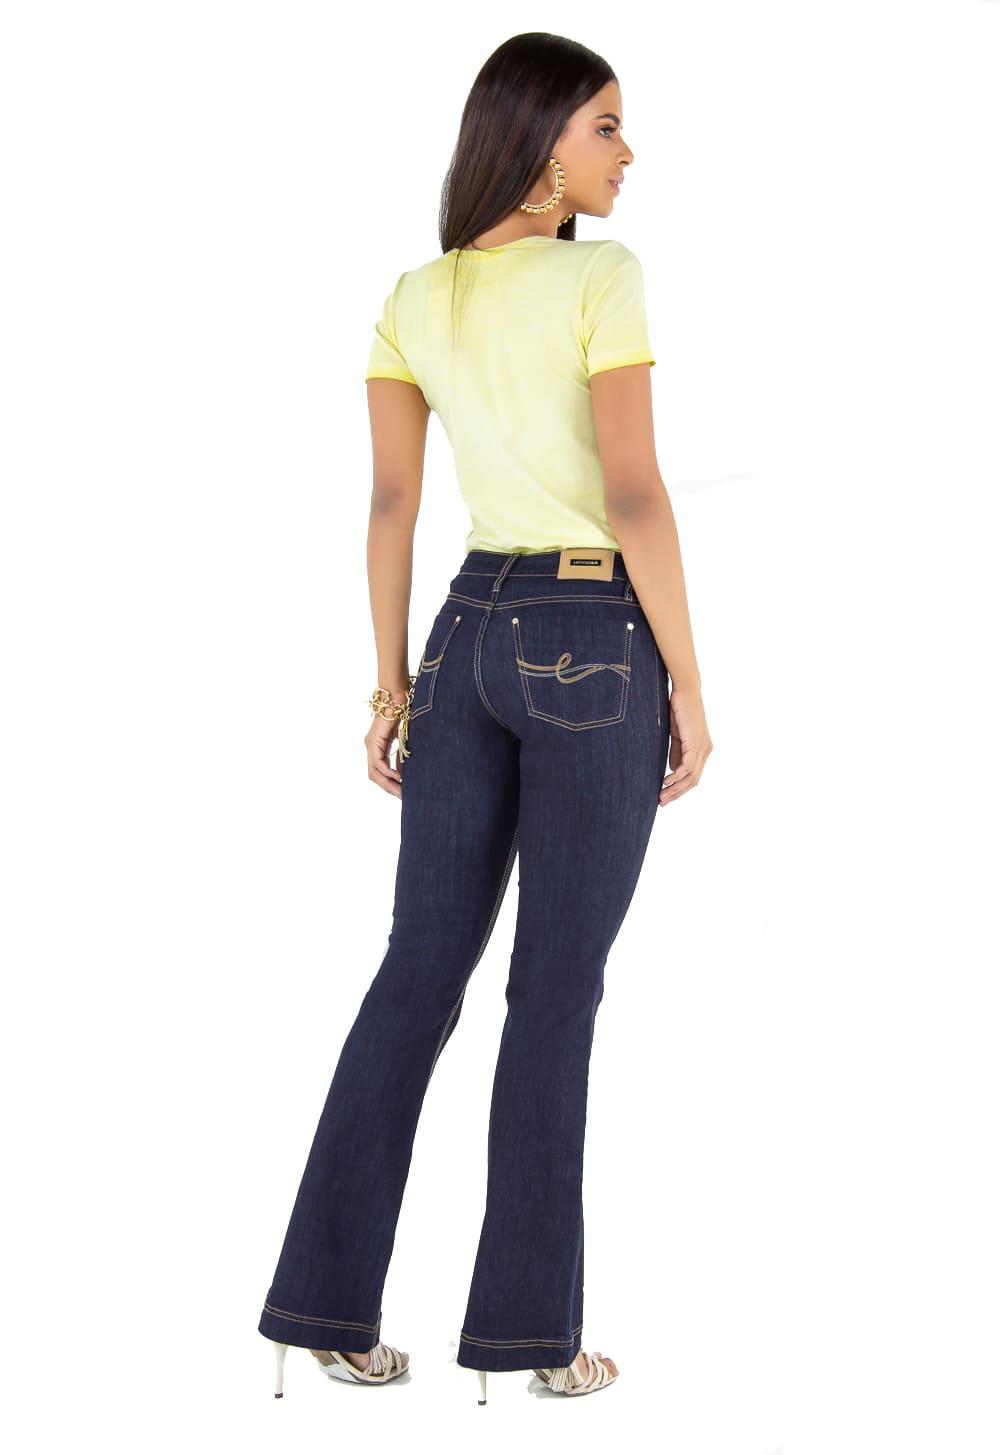 Calça Feminina Flare Jeans Escuro Tradicional